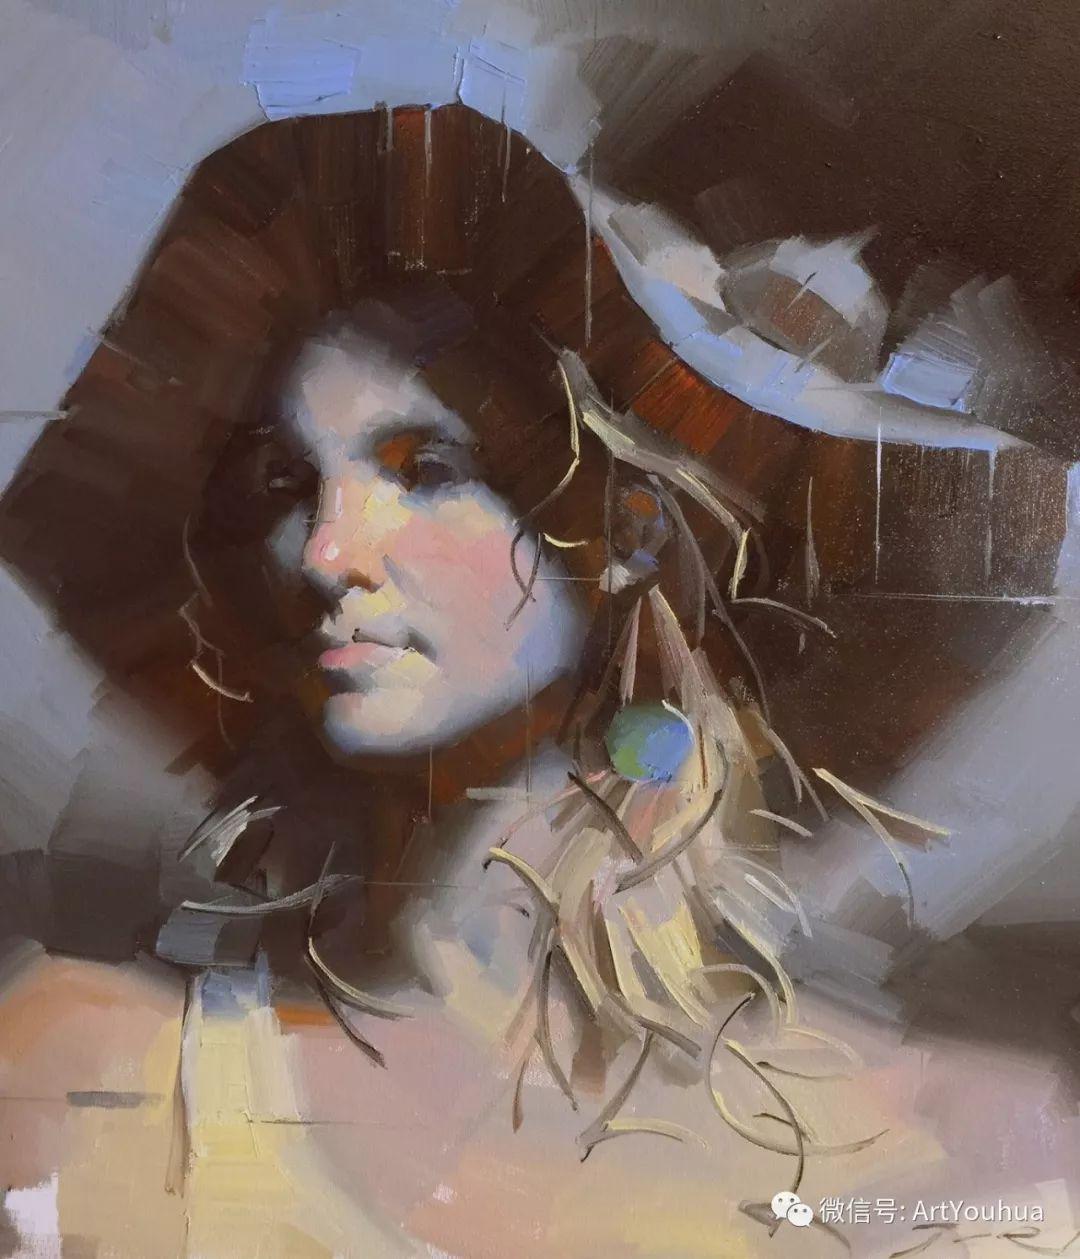 他的人物肖像绘画独具一格 还是位80后画家插图33